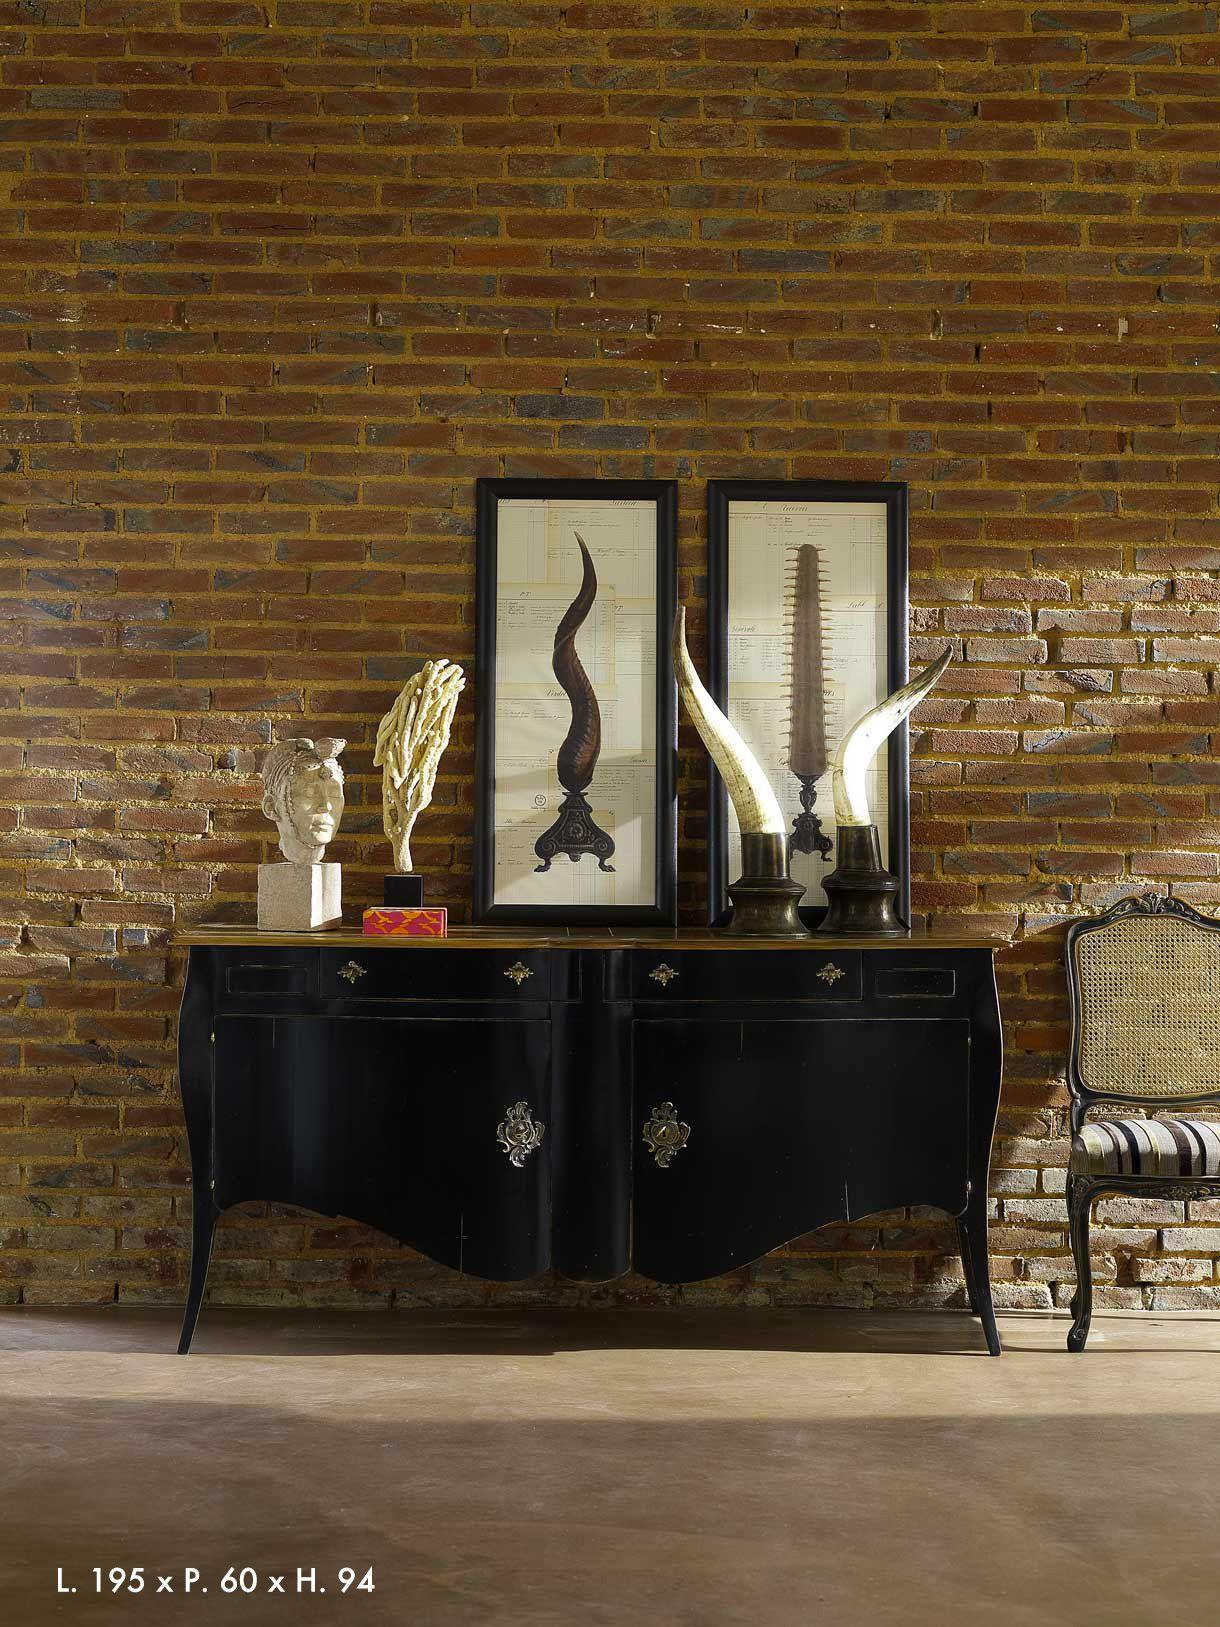 pingl par hangar de style nantes sur mobiliers peints pinterest mobilier et peindre. Black Bedroom Furniture Sets. Home Design Ideas